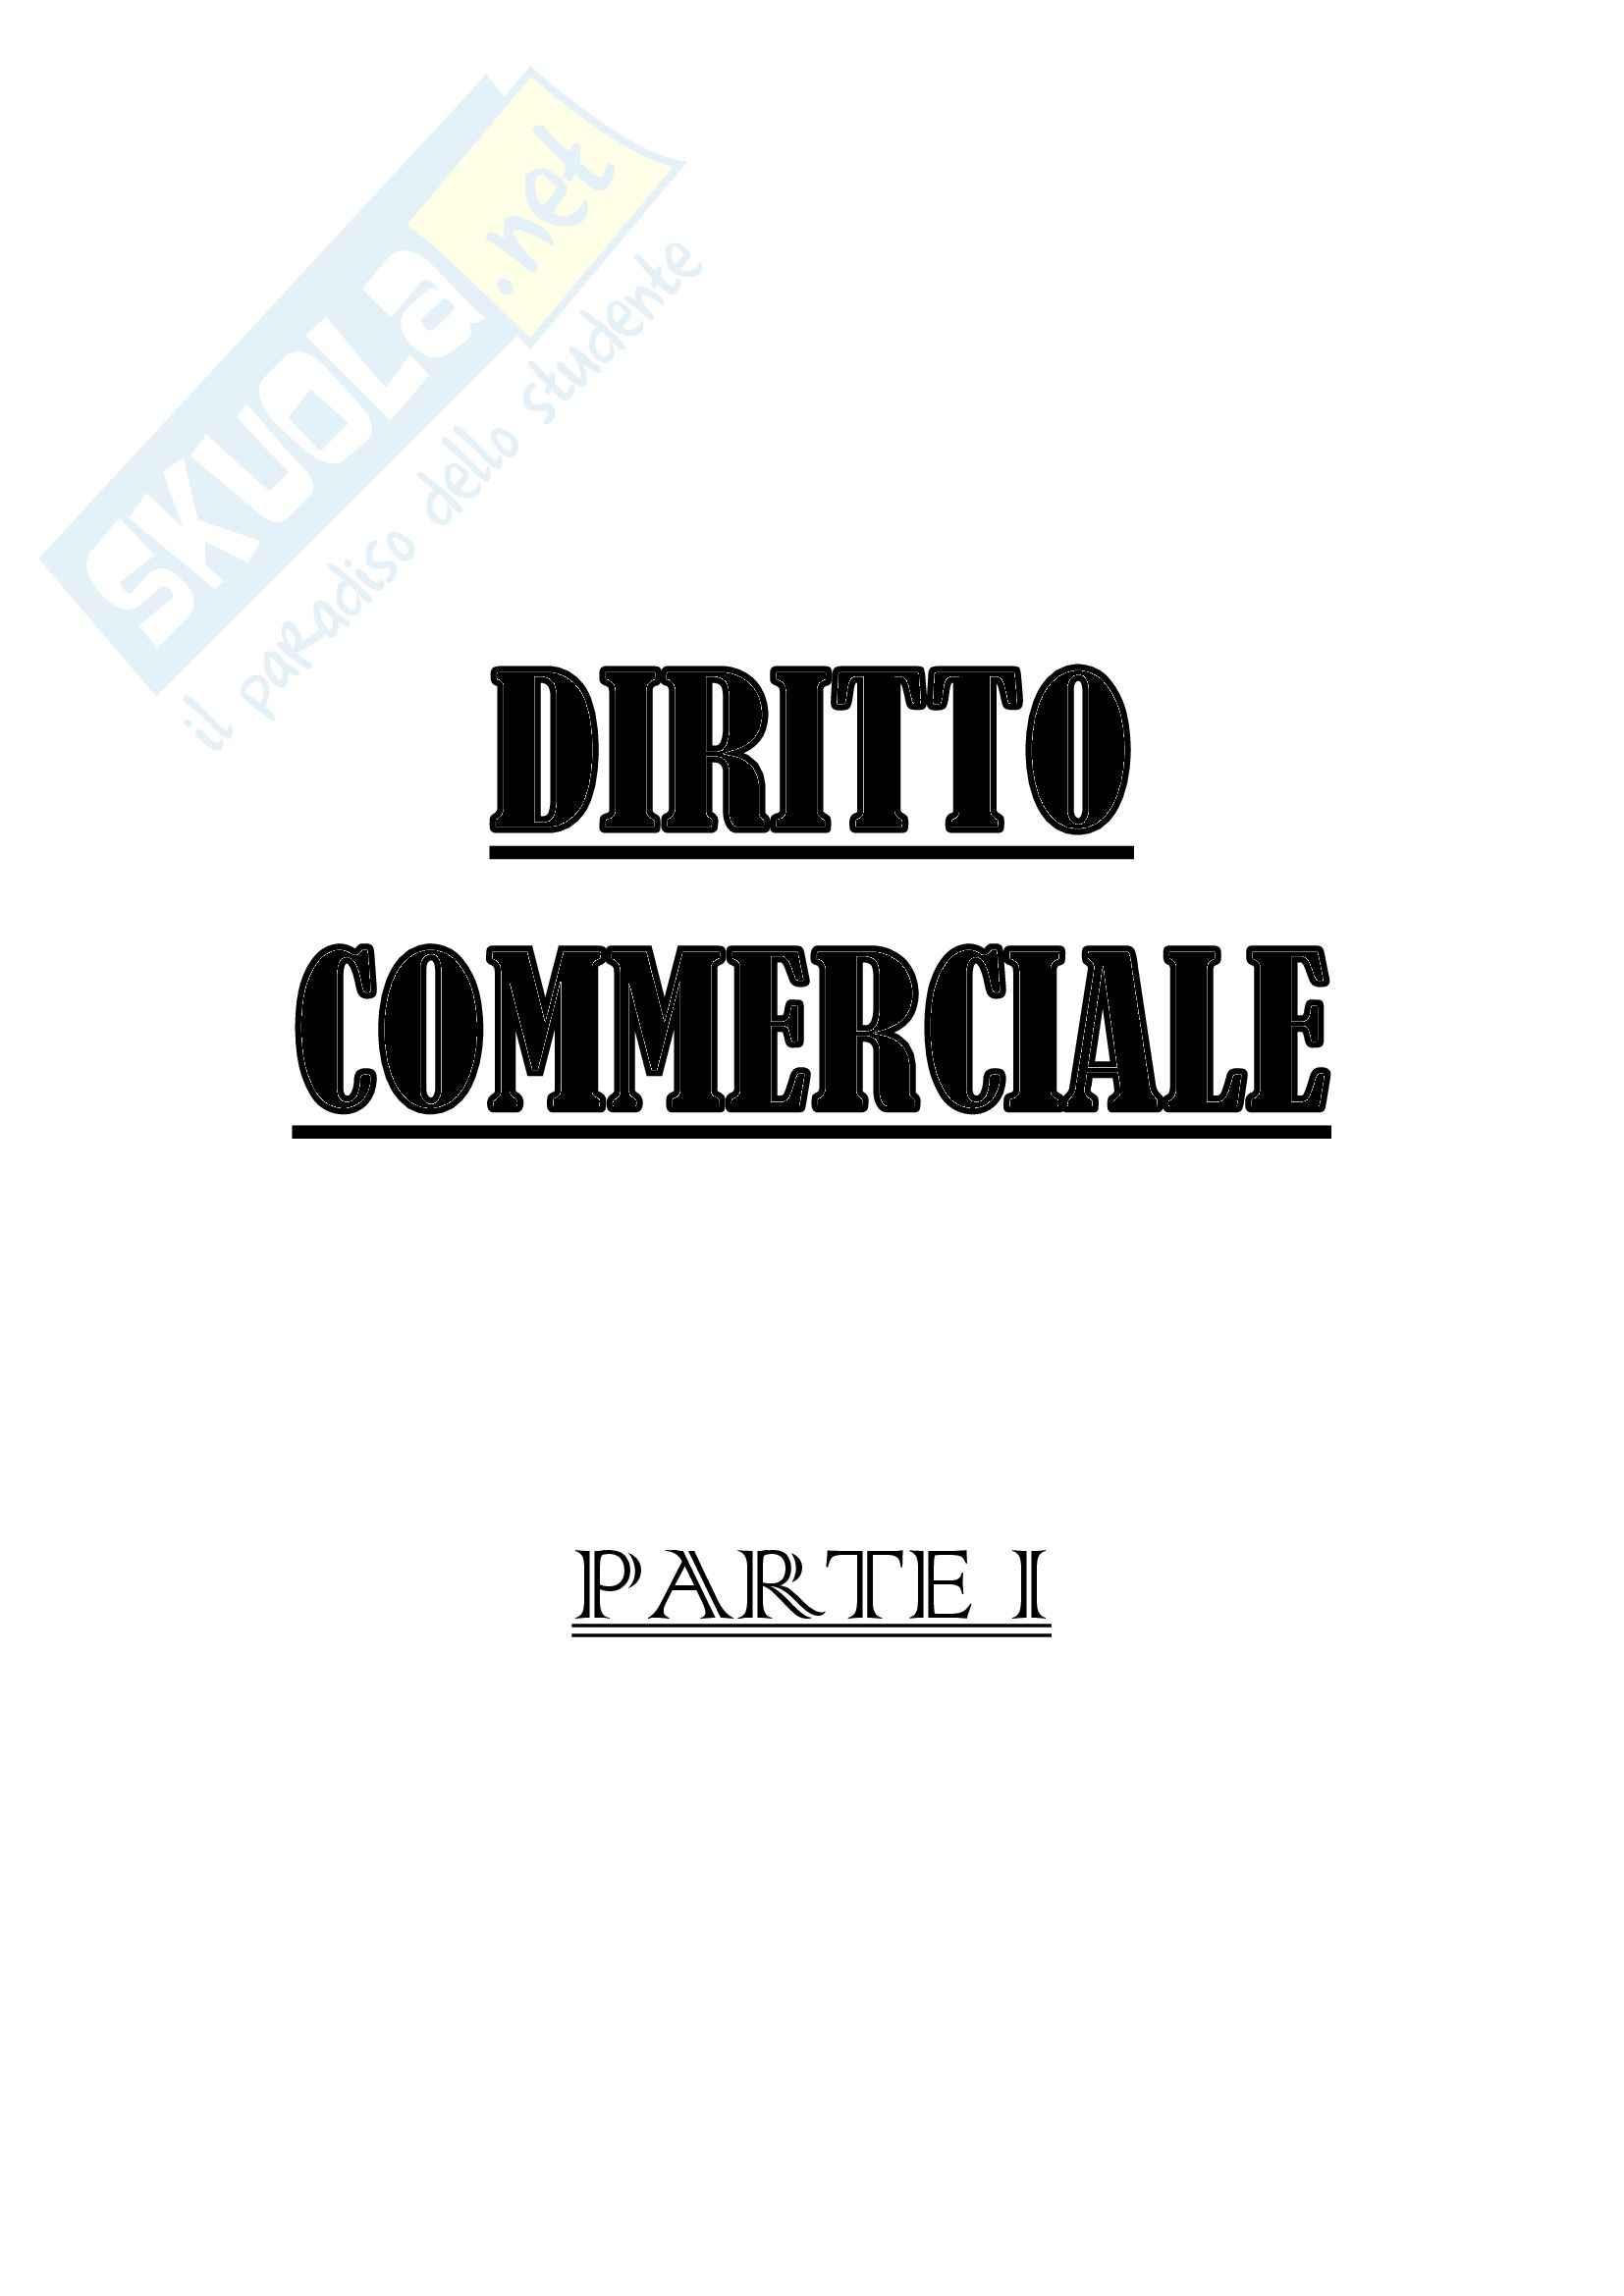 Diritto commerciale I - NON FREQUENTANTE